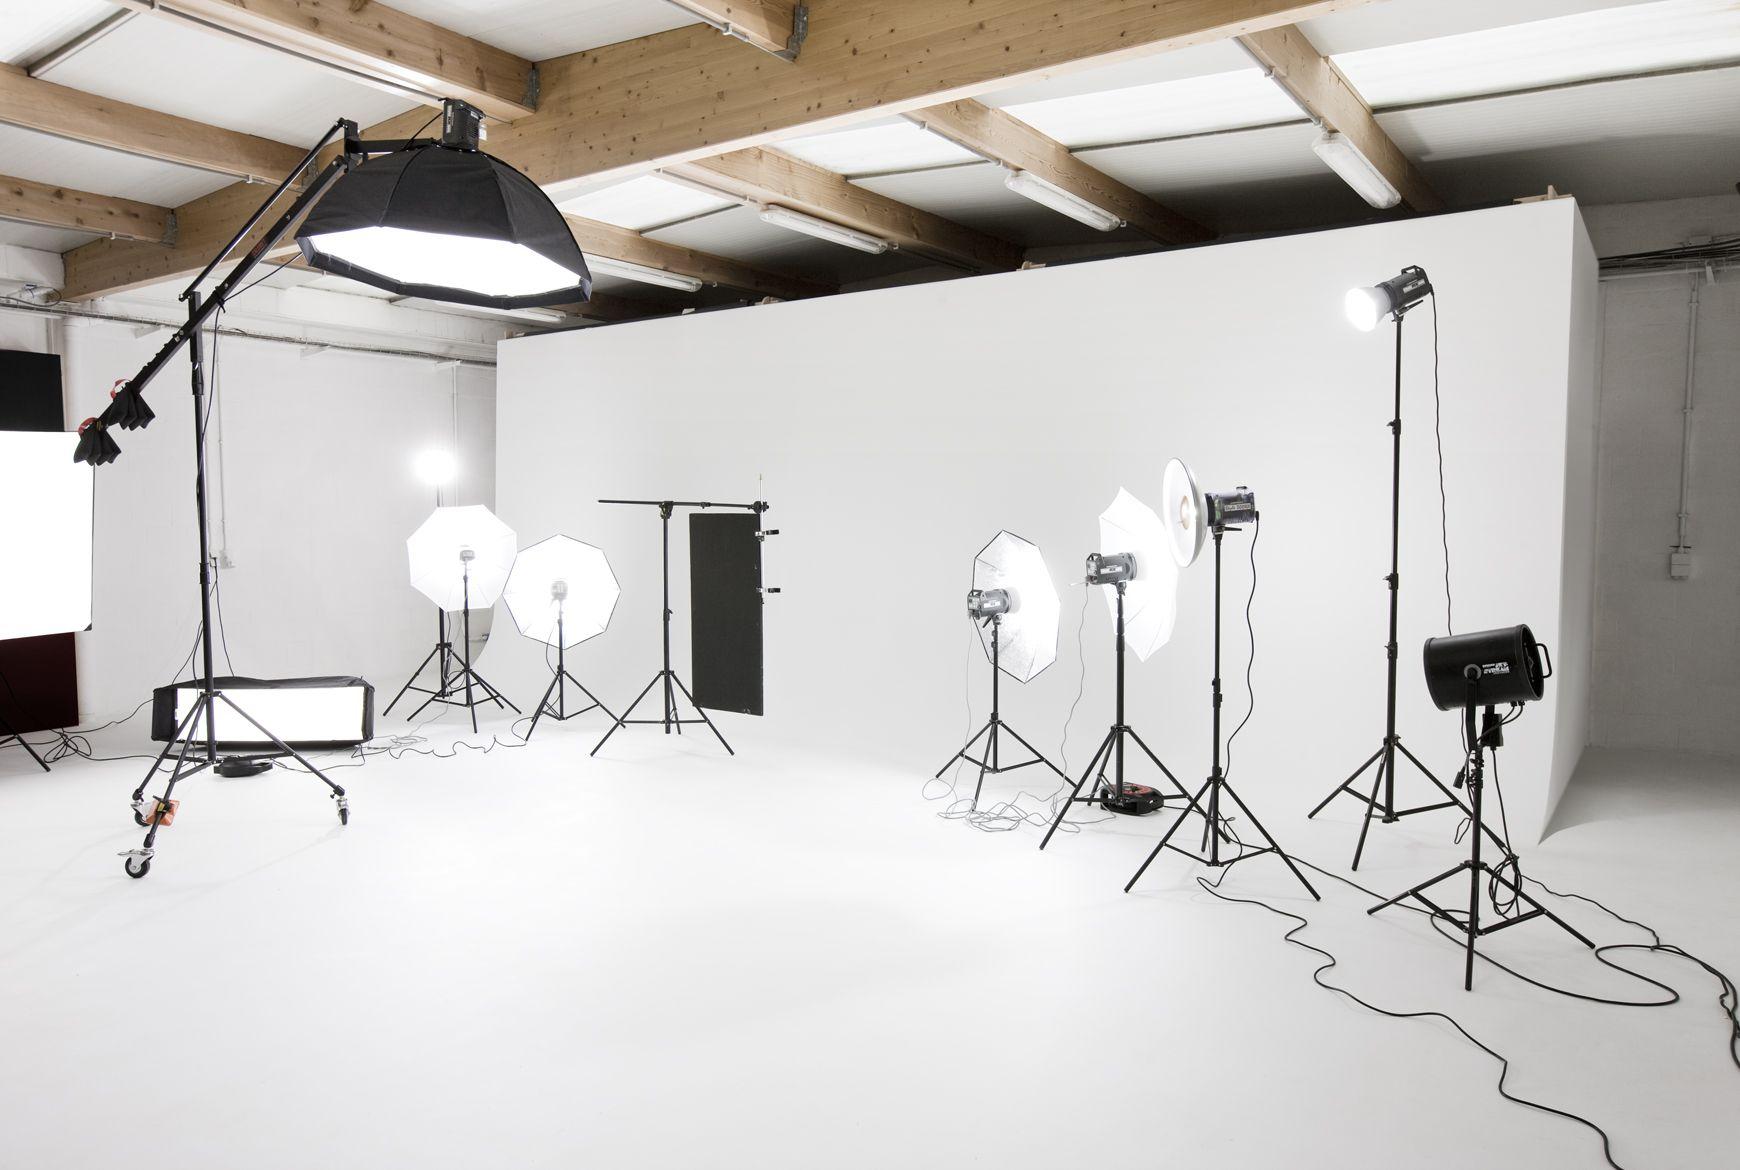 Studio Photography Basics In 2020 Home Studio Photography Photography Studio Design Home Photo Studio